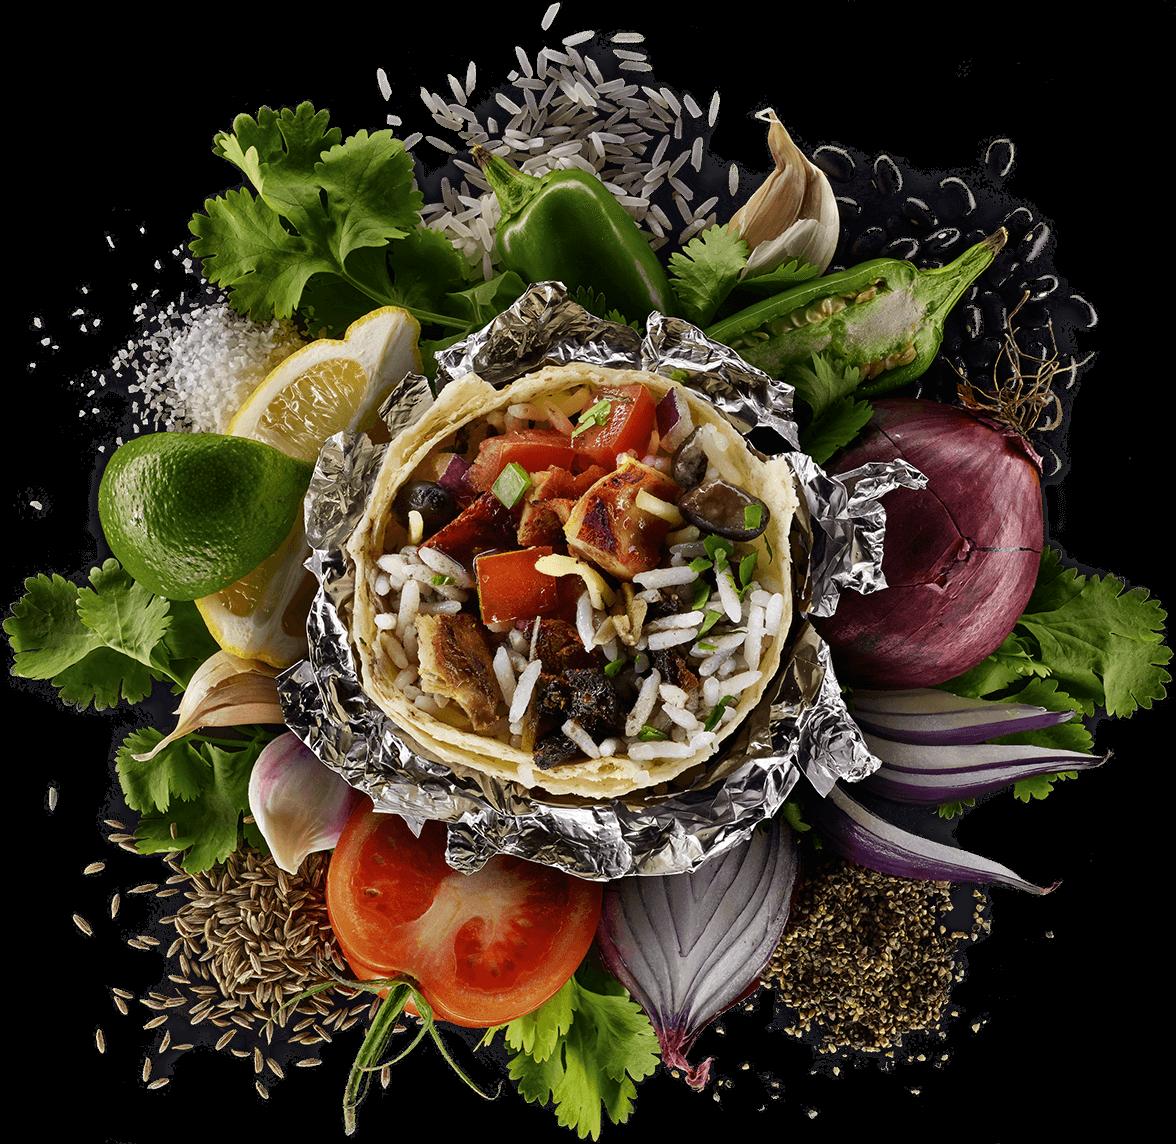 Thai Food Ingredients List